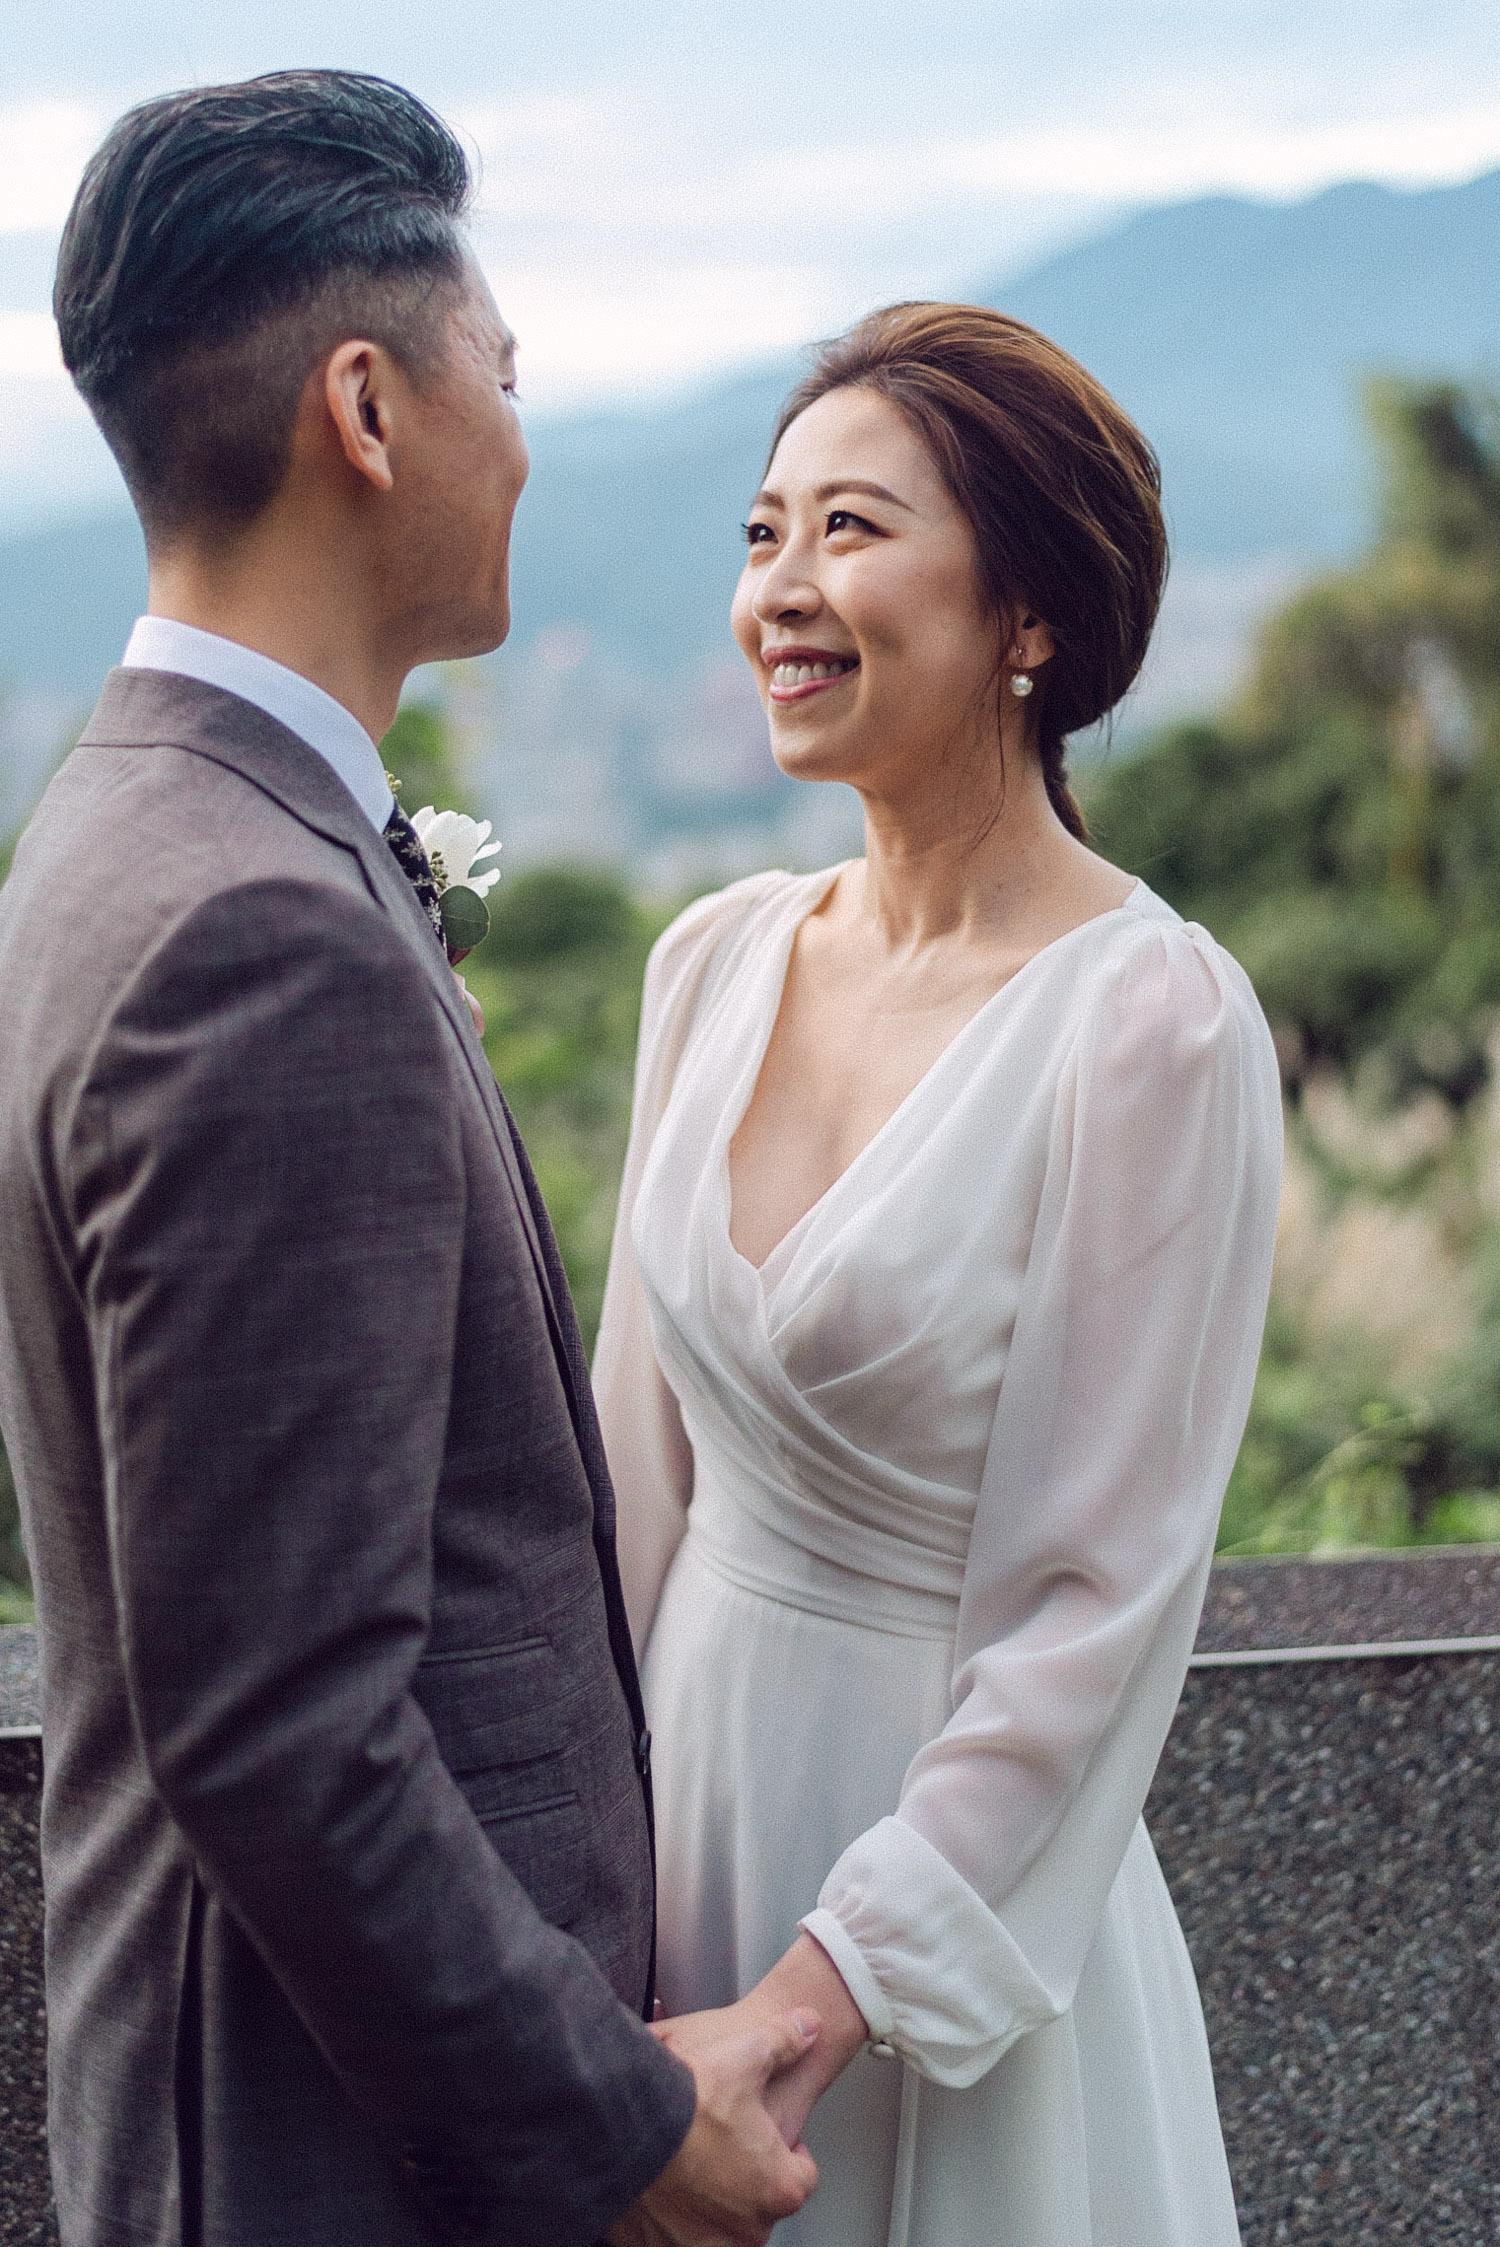 草山玉溪 婚禮 唯諾禮服婚紗 STAGE Mark Hong 李大幅婚禮電影